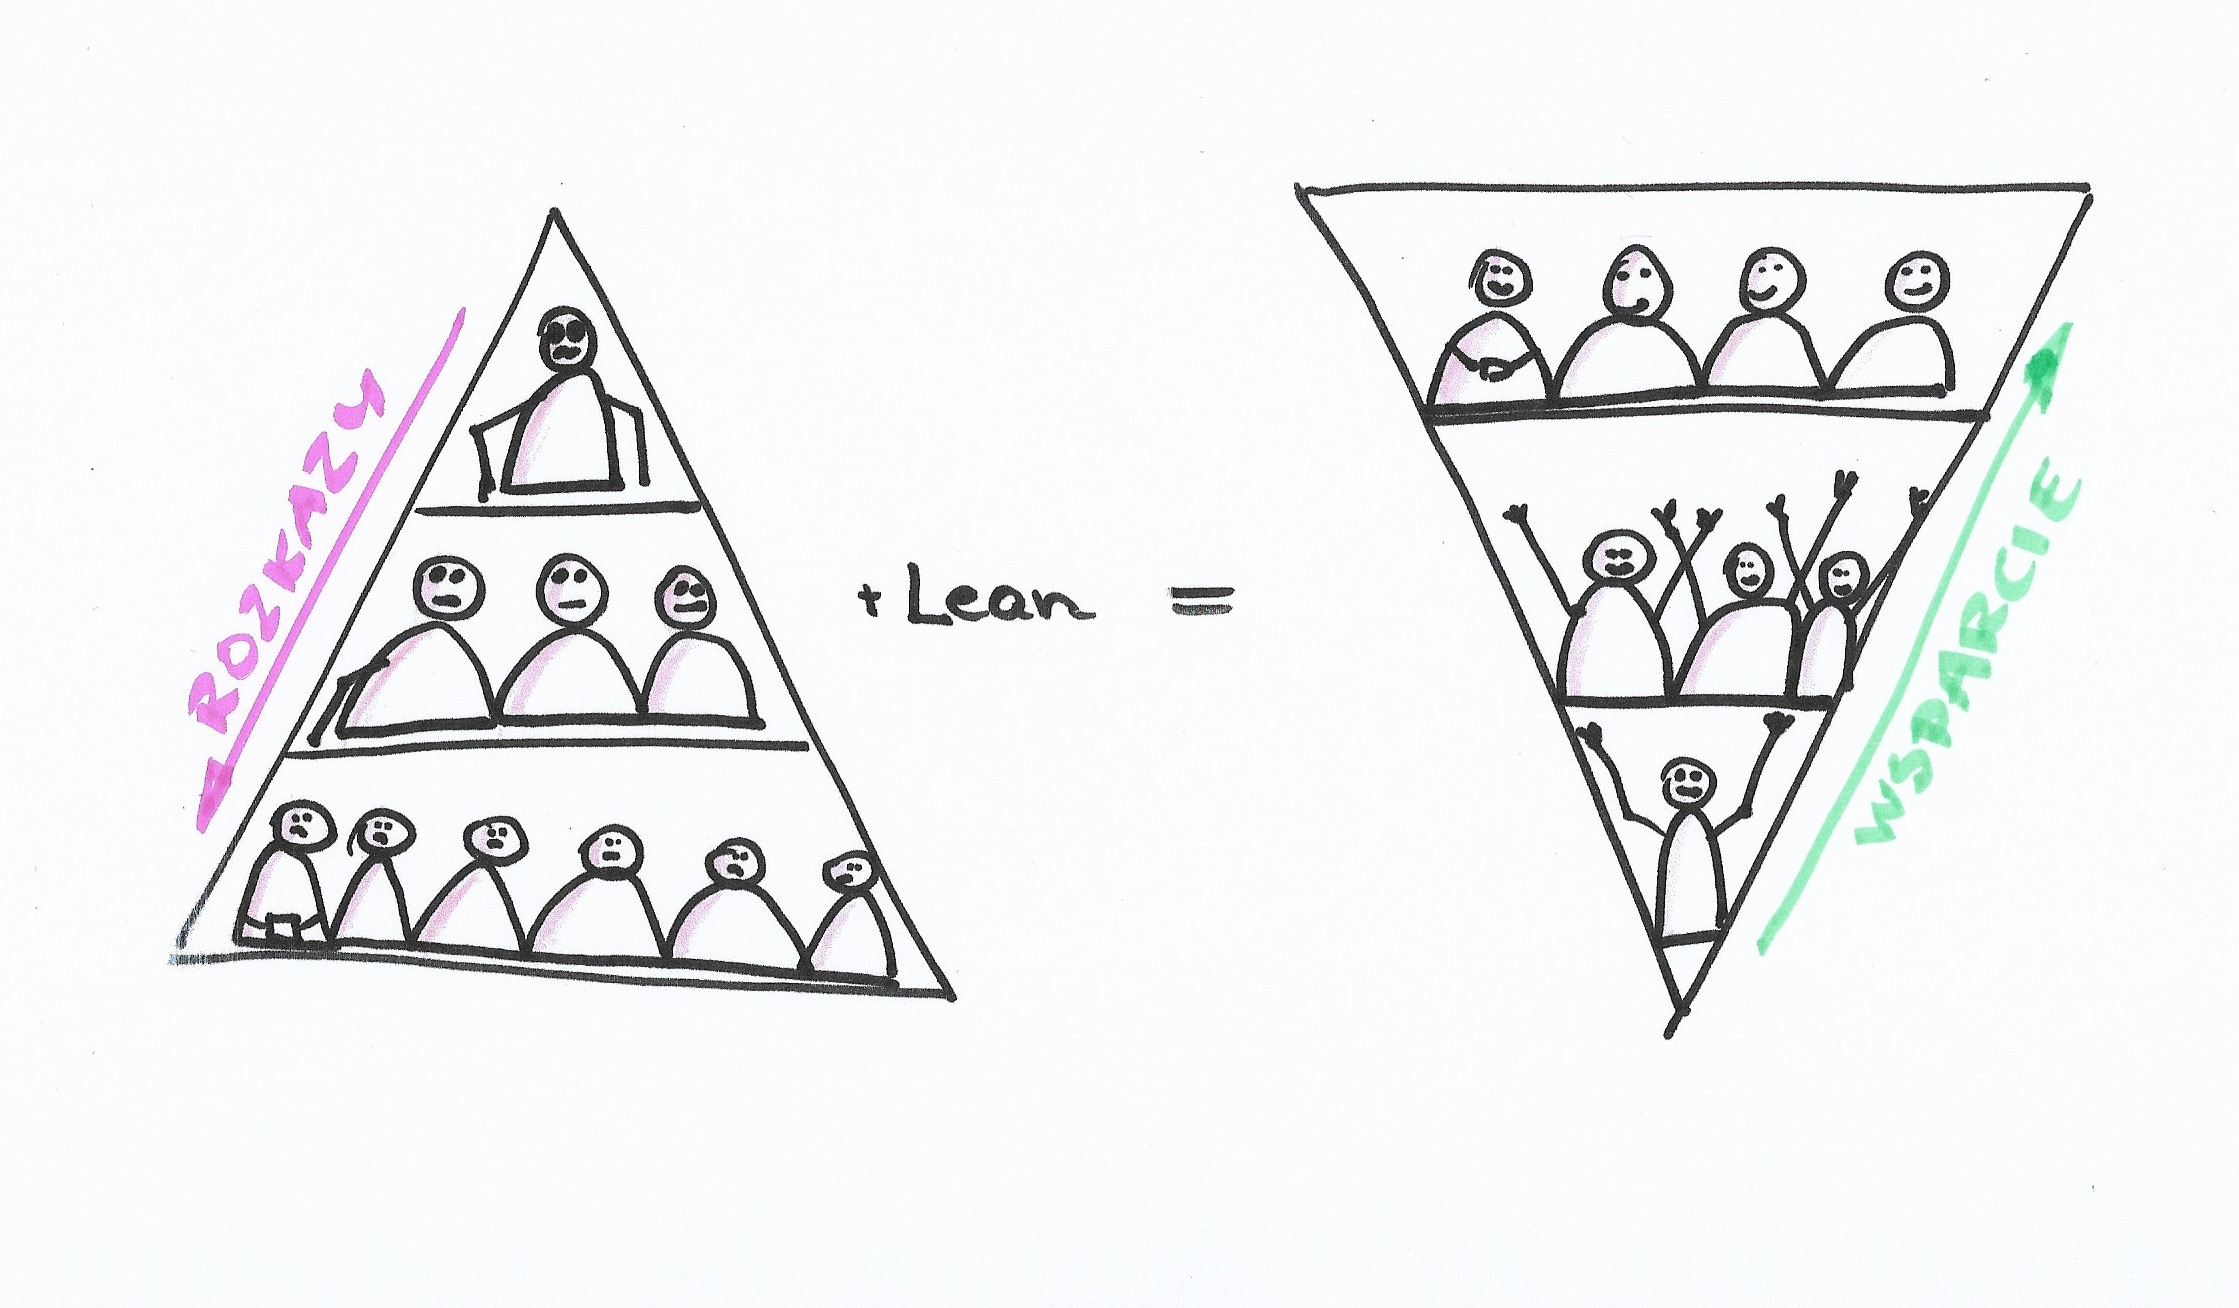 schemat czym jest lean